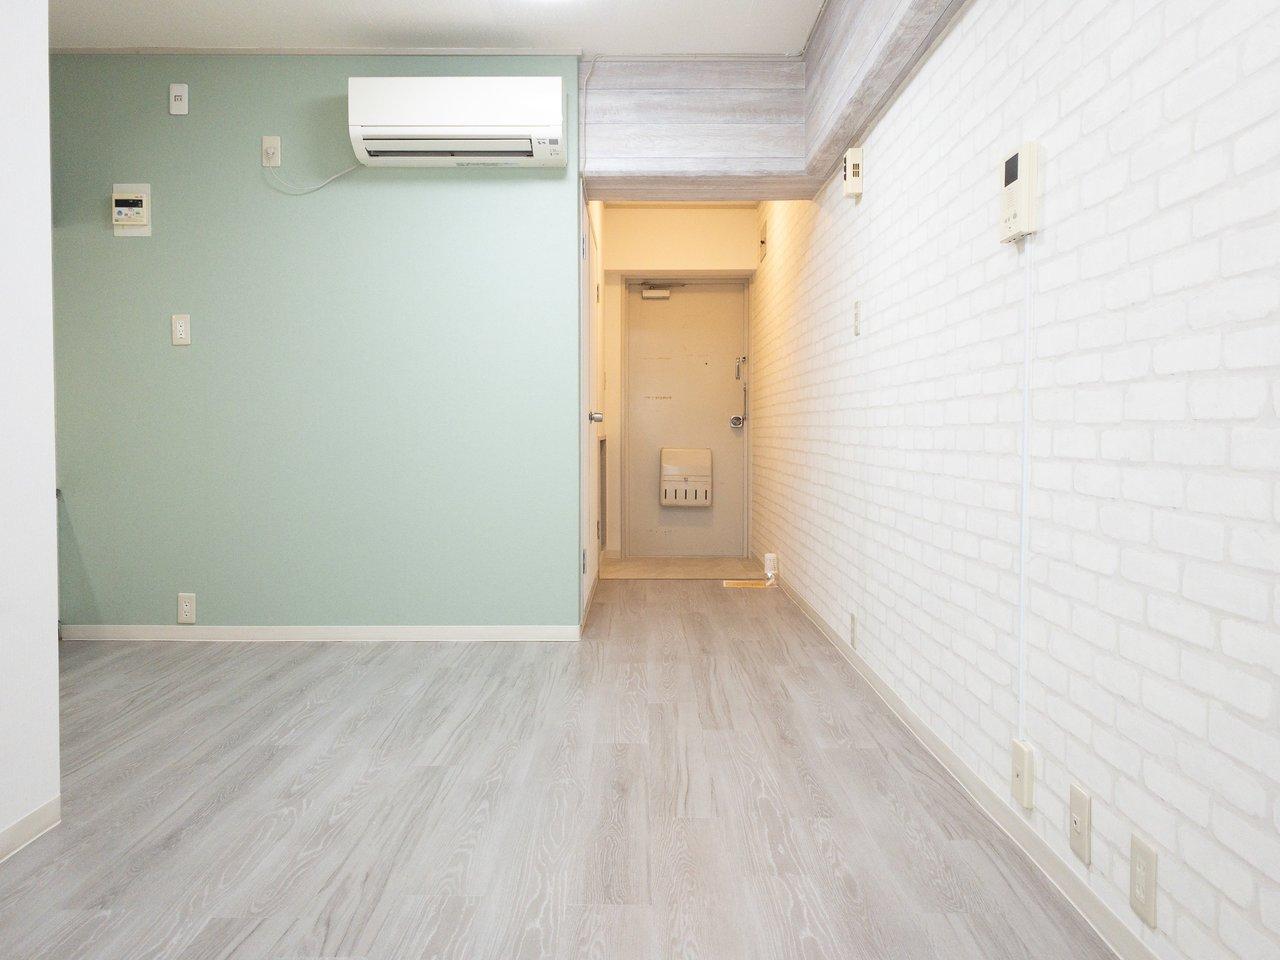 大阪難波駅から徒歩1分。8畳のLDKと6畳の個室が二つついた2LDKタイプのお部屋です。淡いグリーンの壁紙がかわいらしい!